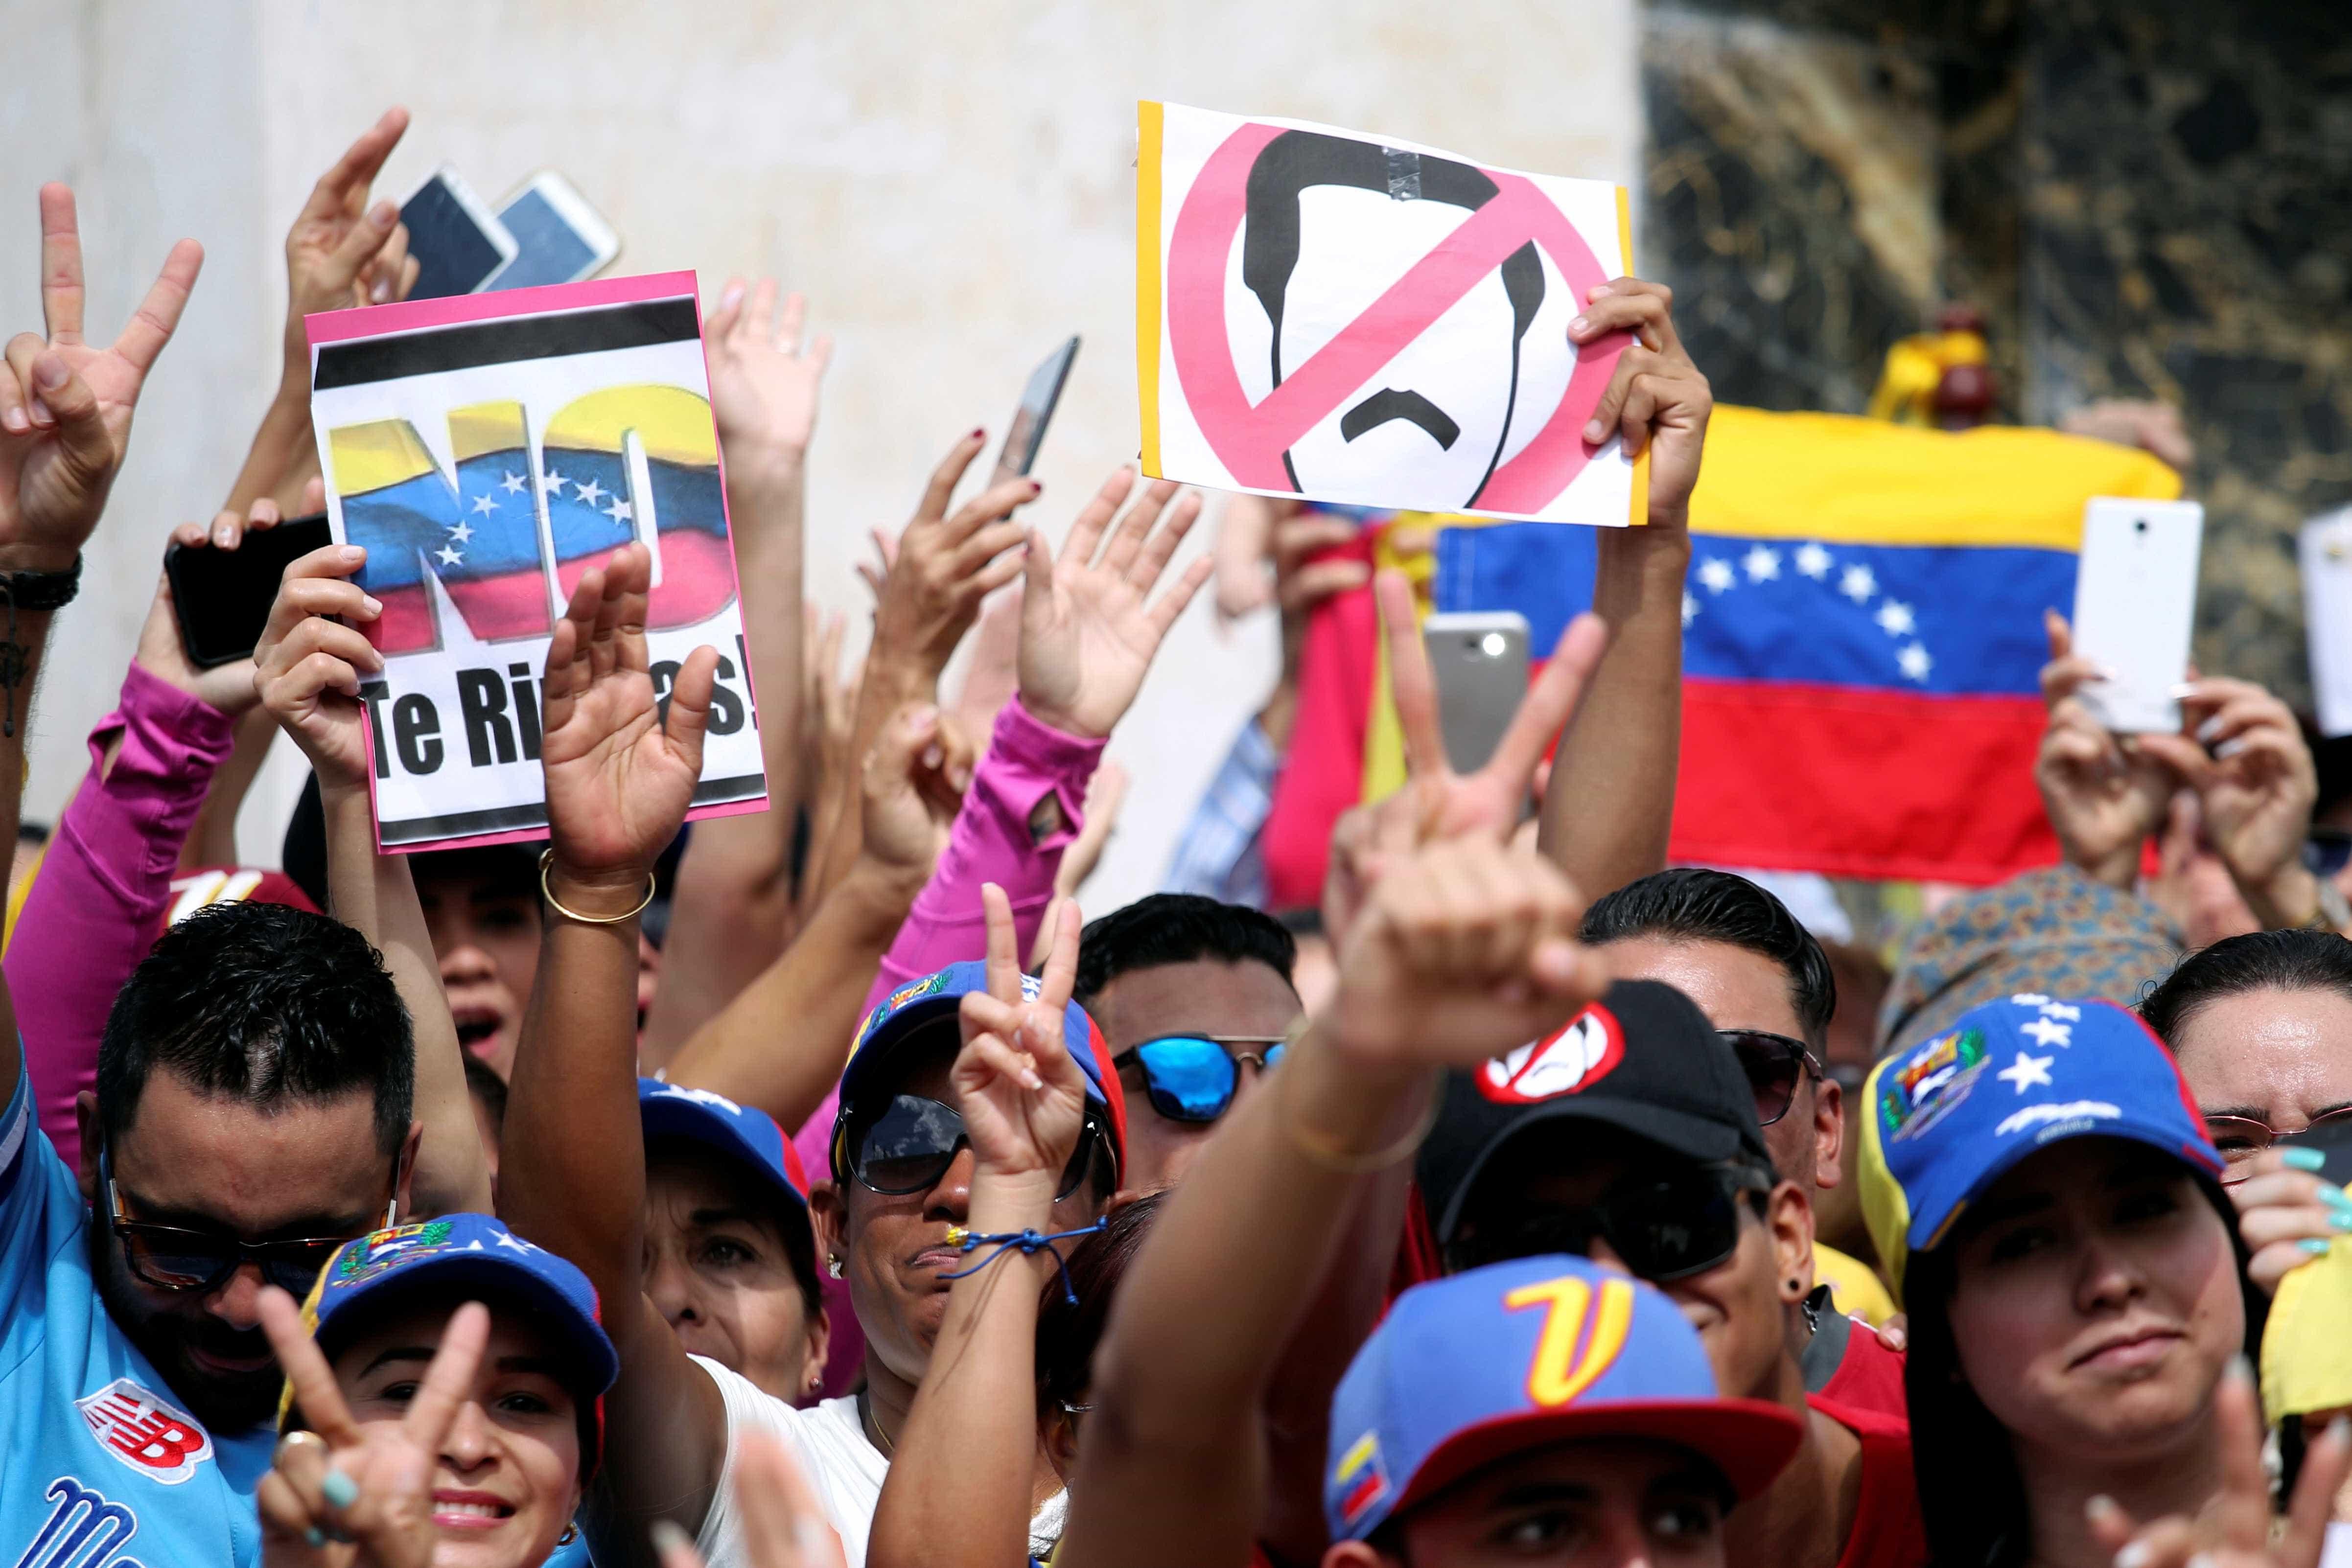 Manifestantes protestam contra Maduro nas ruas da Venezuela; veja fotos